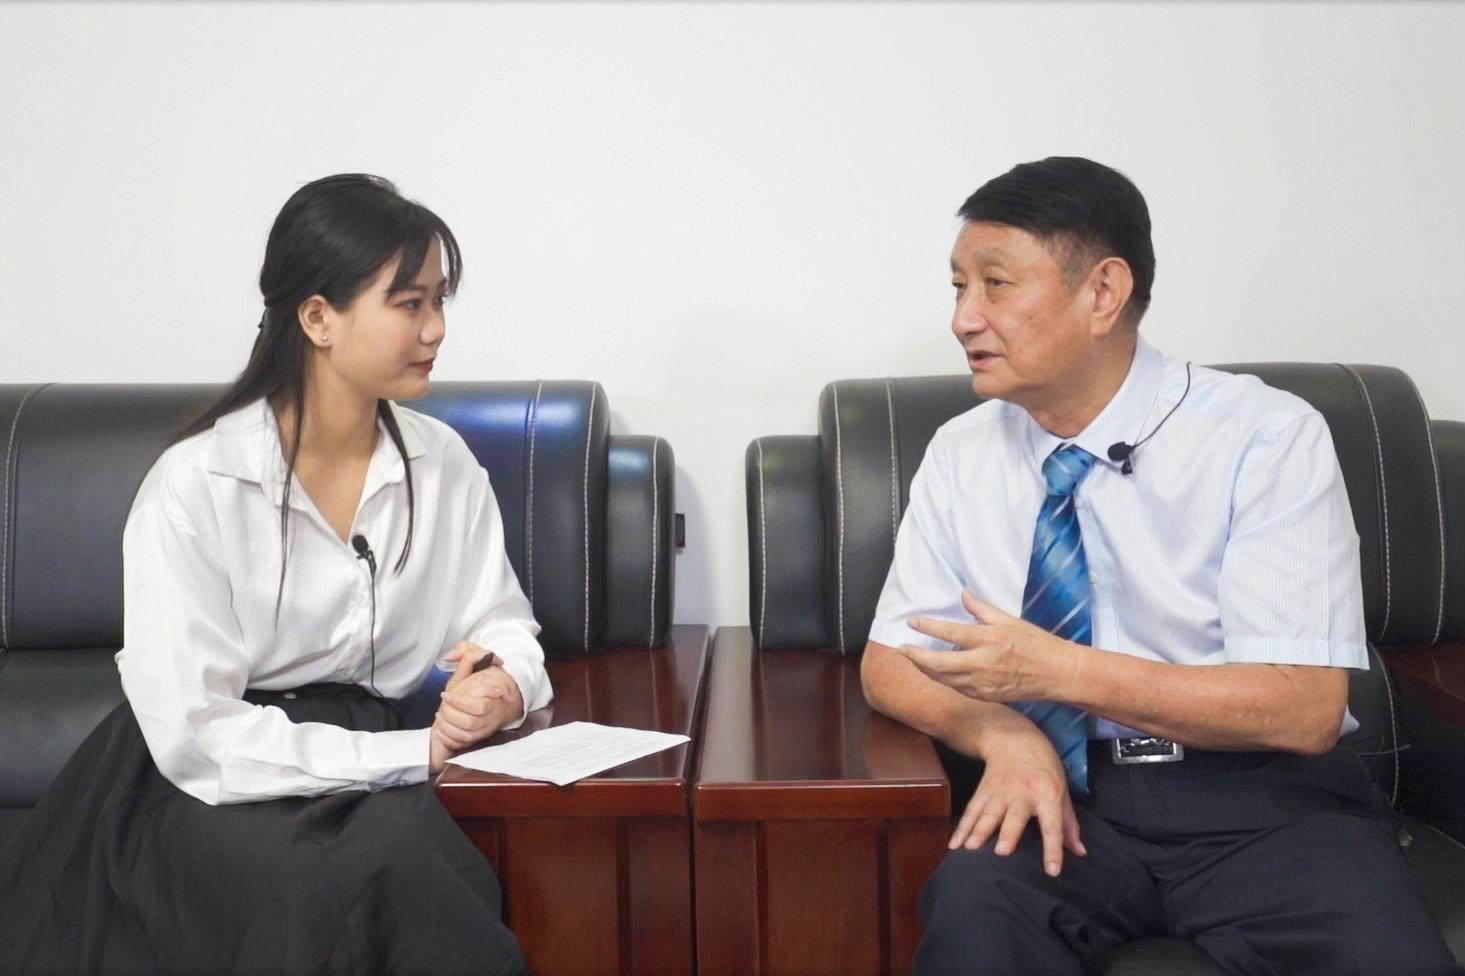 原中科大少年班班主任朱源专访:借超常教育经验 助龙翔学子腾飞